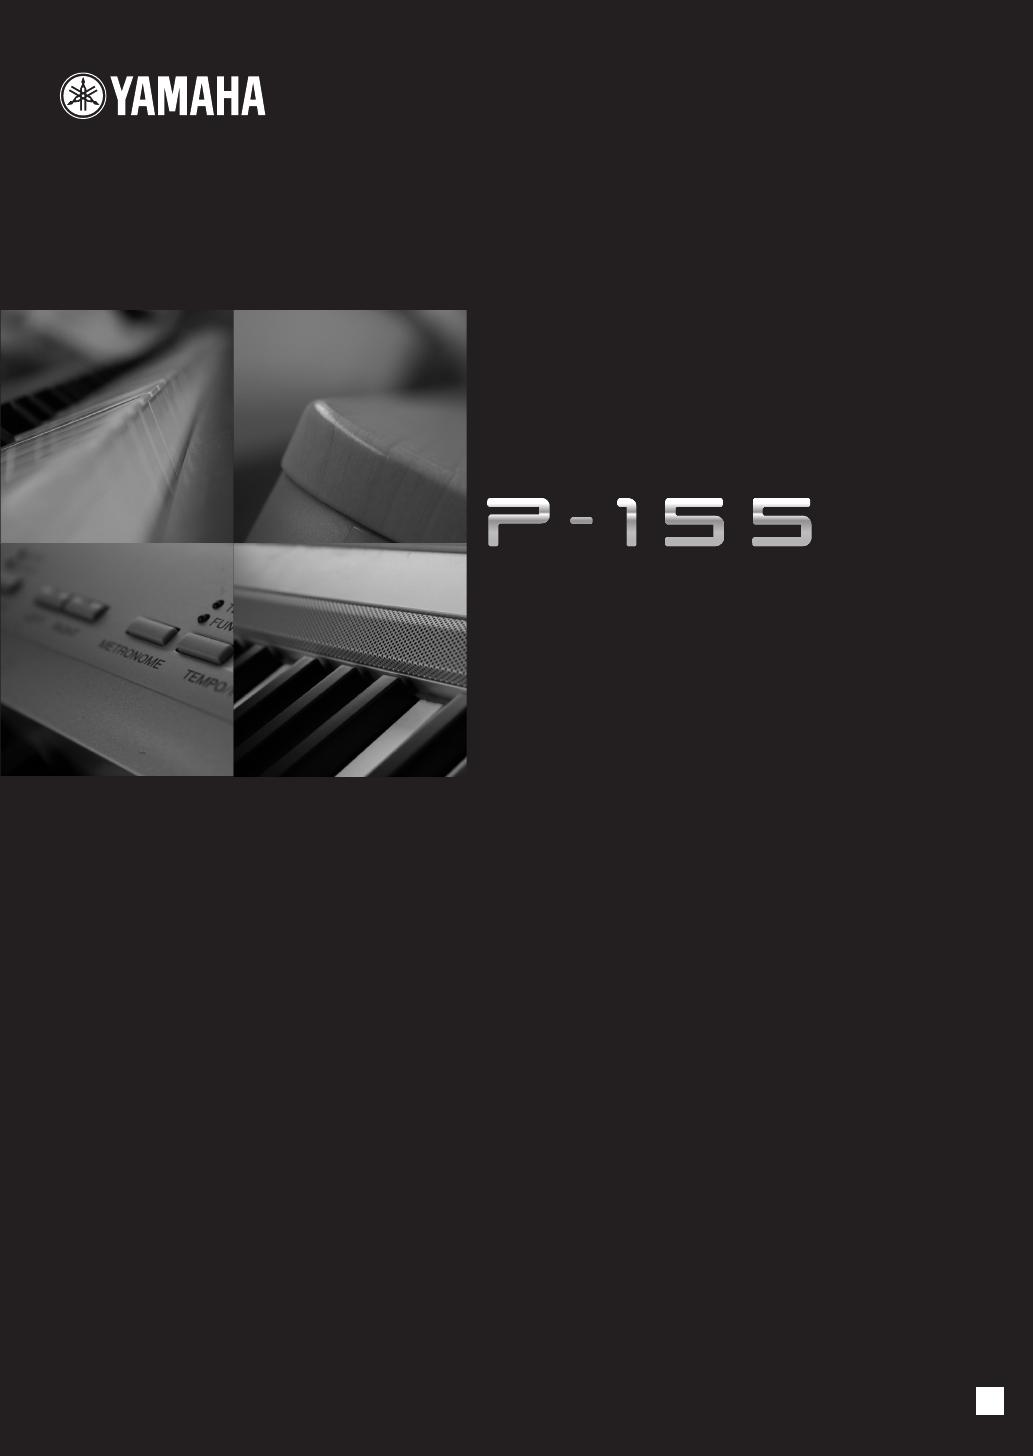 Yamaha P-155